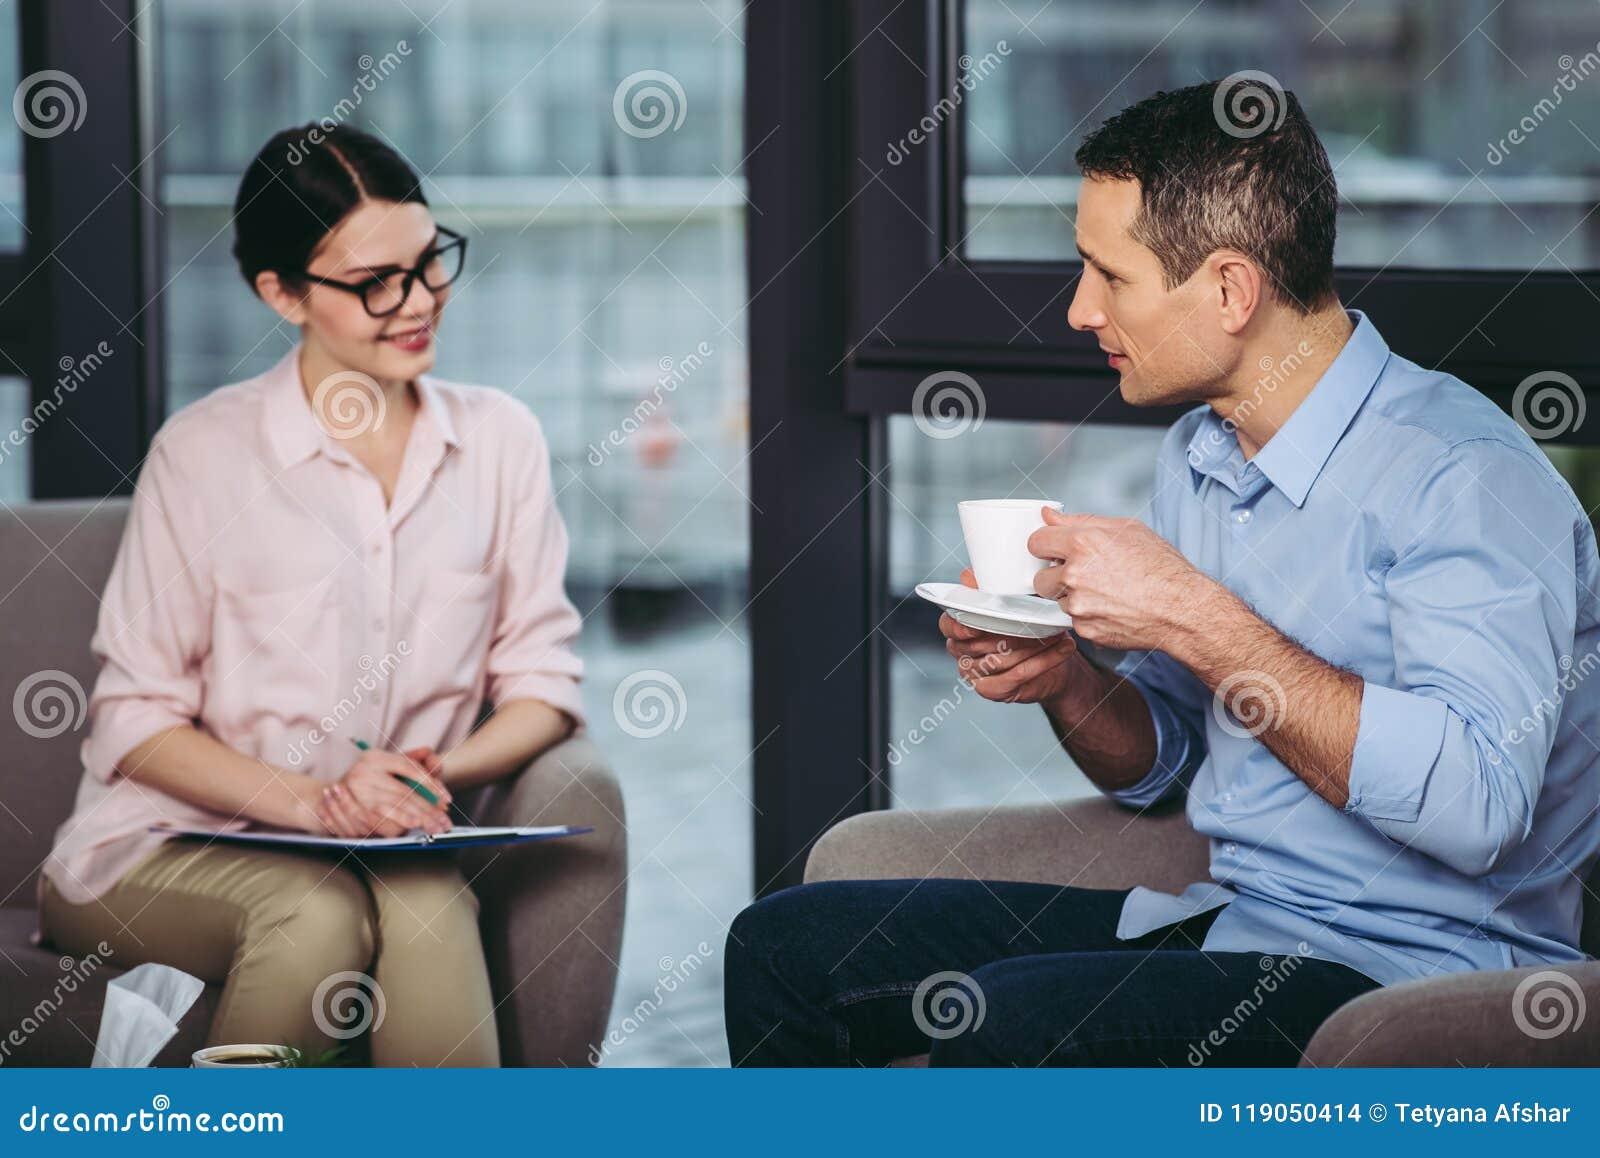 Uomo che ascolta le raccomandazioni di medico